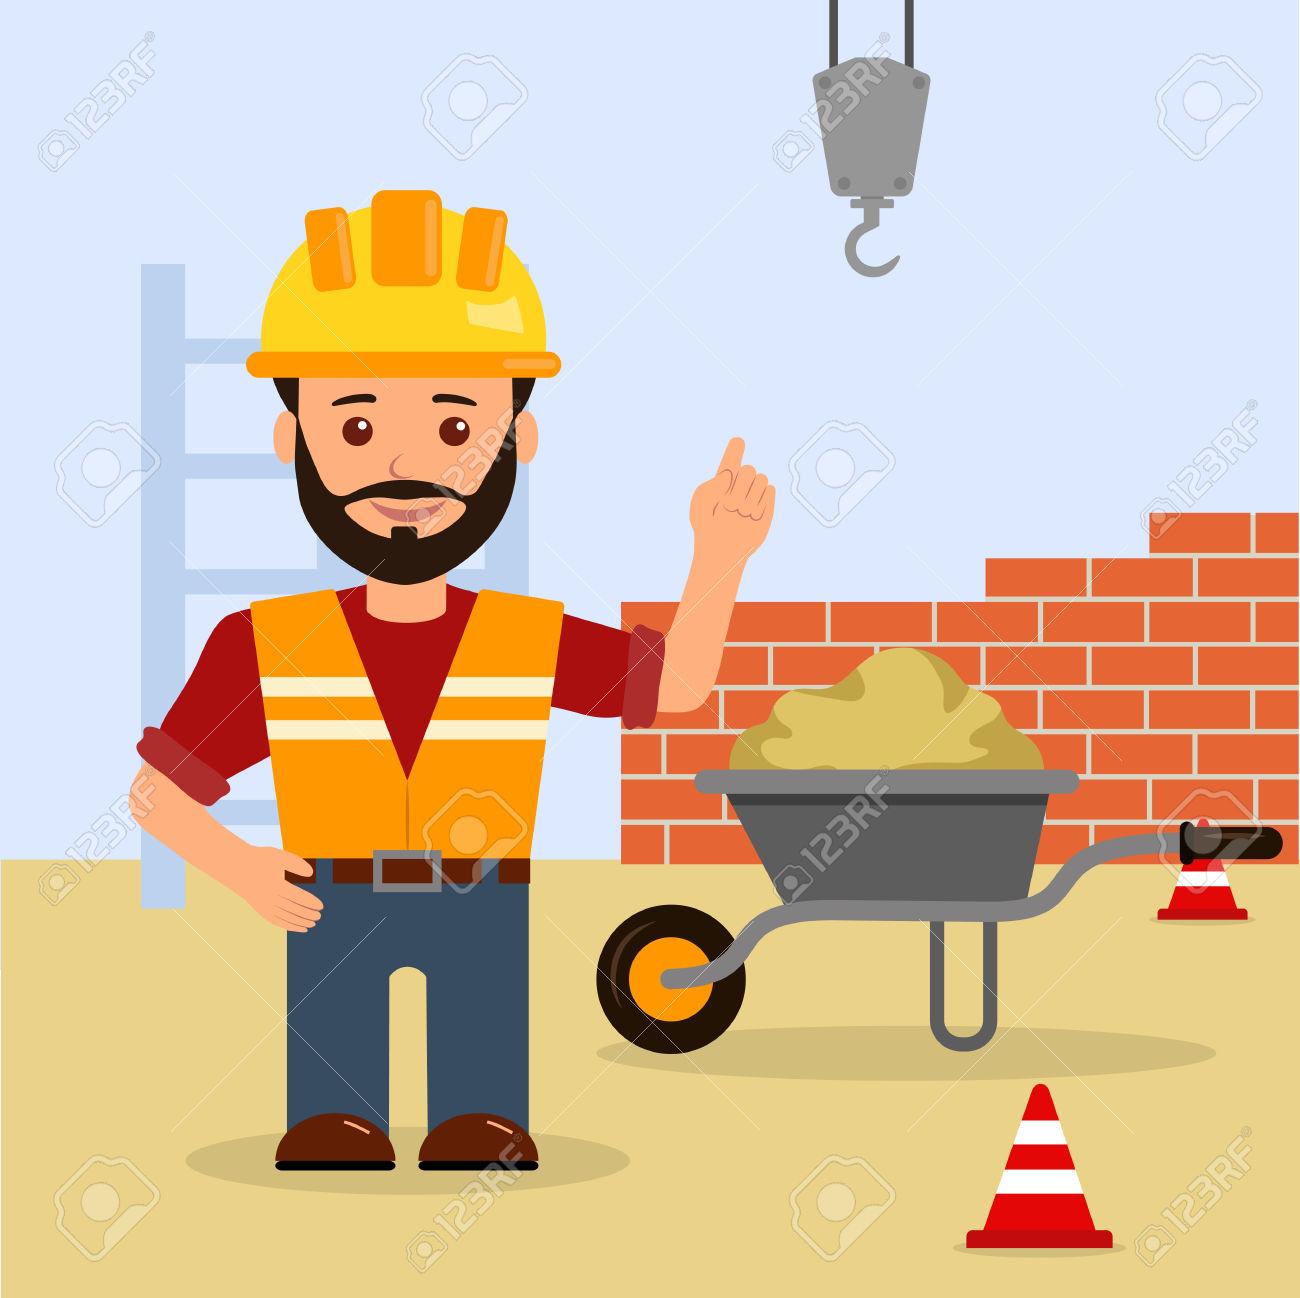 Building clipart construction, Building construction.